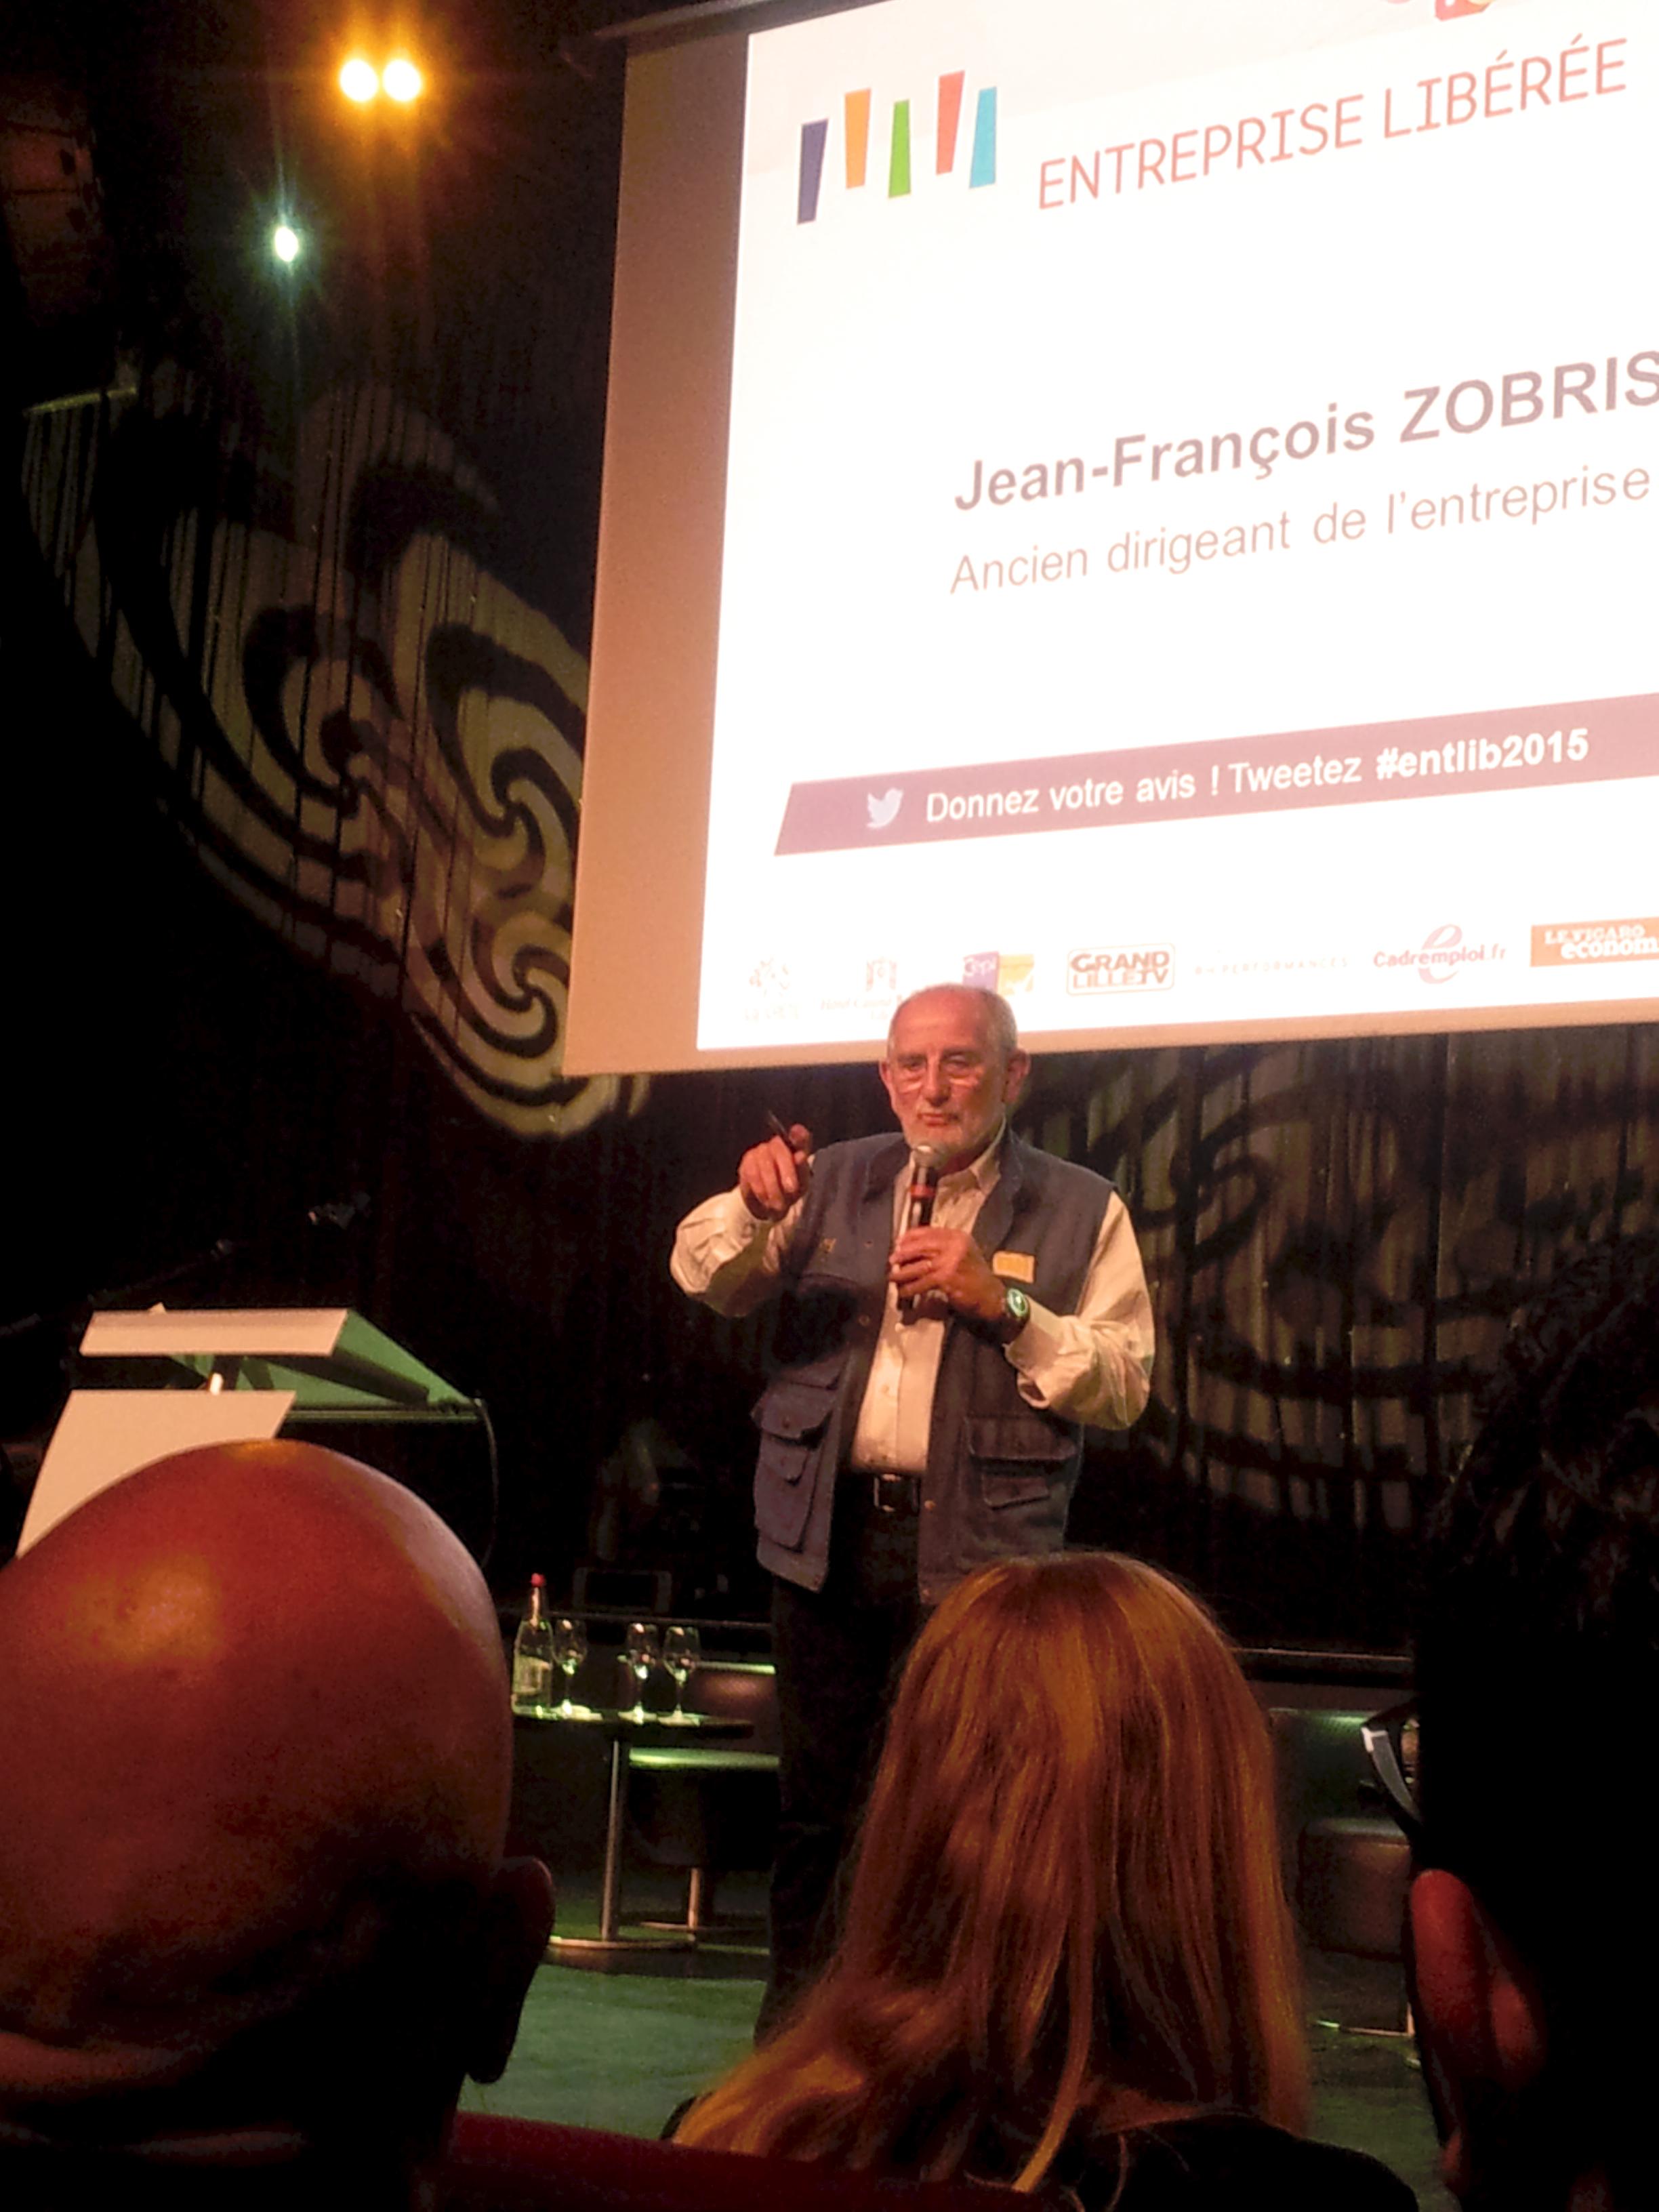 """Jean-François Zobrist à Lille devant 500 personnes parle de """"l'entreprise libérée Favi"""""""